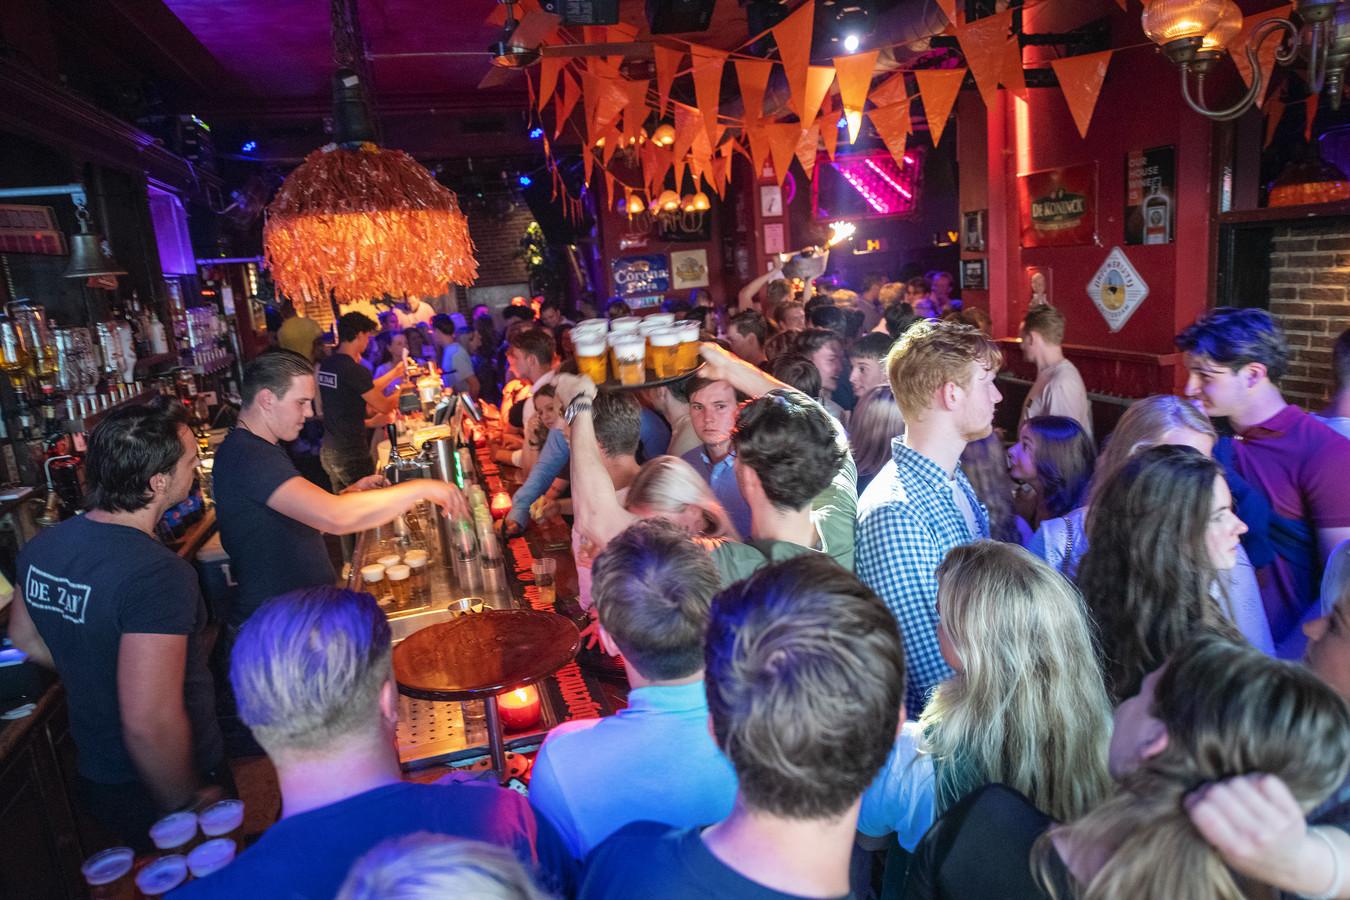 Café De Zaak in Apeldoorn bij de heropening bijna twee weken geleden. De uitgaansbranche houdt zijn adem in nu de besmettingscijfers explosief stijgen.